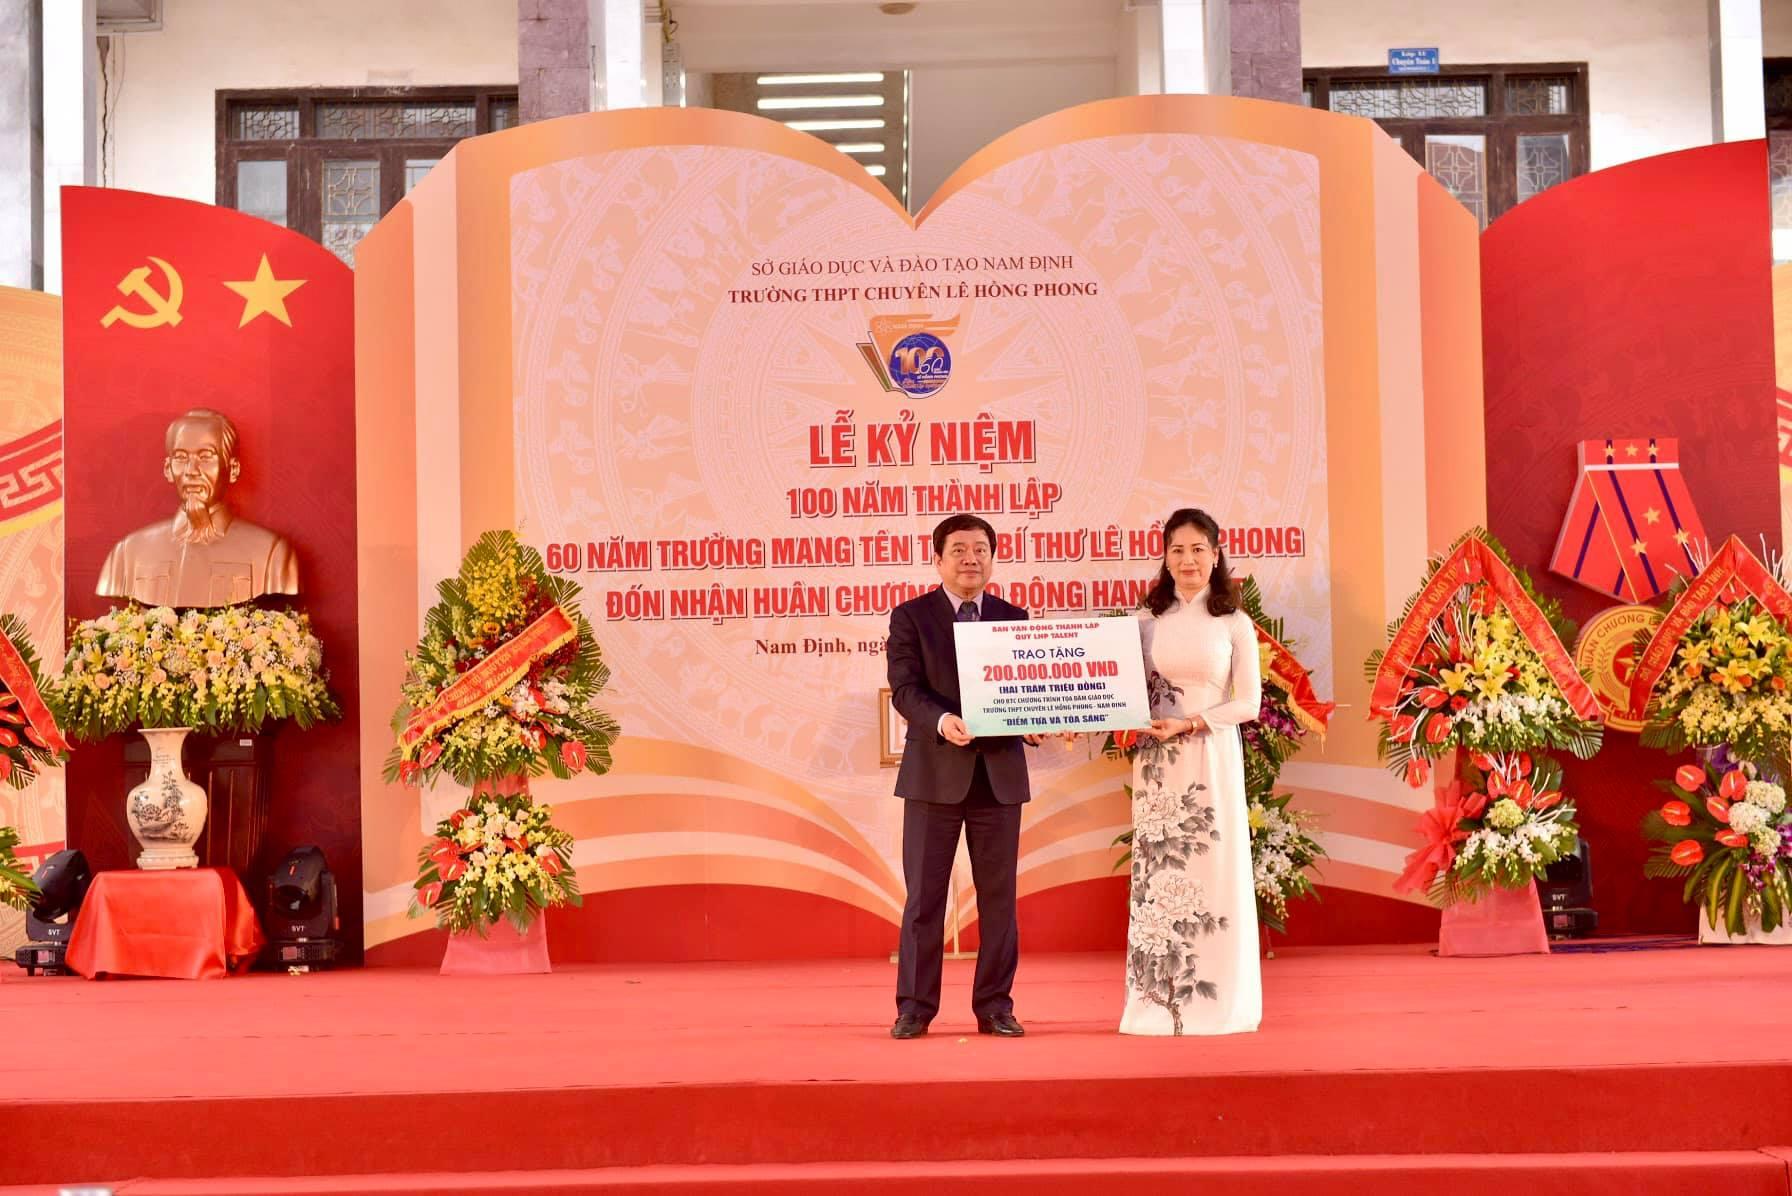 Bài phát biểu của cựu học sinh Lê Hồng Phong, đại diện Ban vận động quỹ Hỗ trợ phát triển tài năng Thành Nam